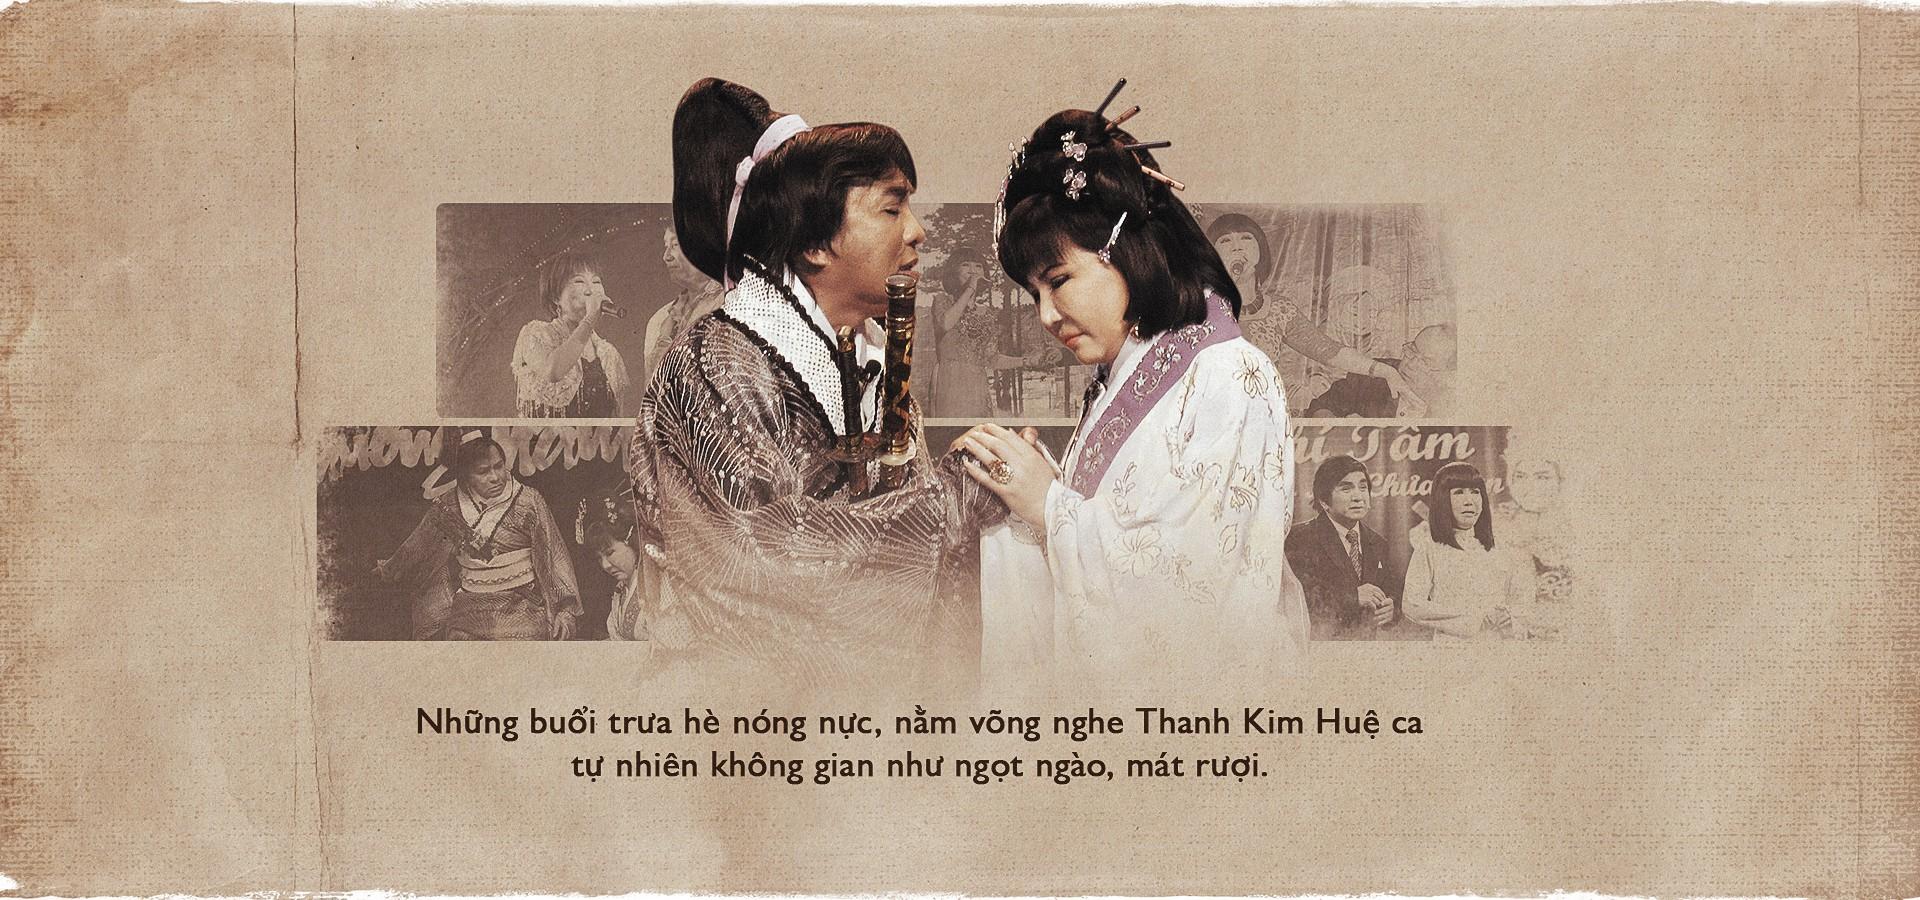 Ngọt lịm giọng ca cải lương của Thanh Kim Huệ - Ảnh 9.